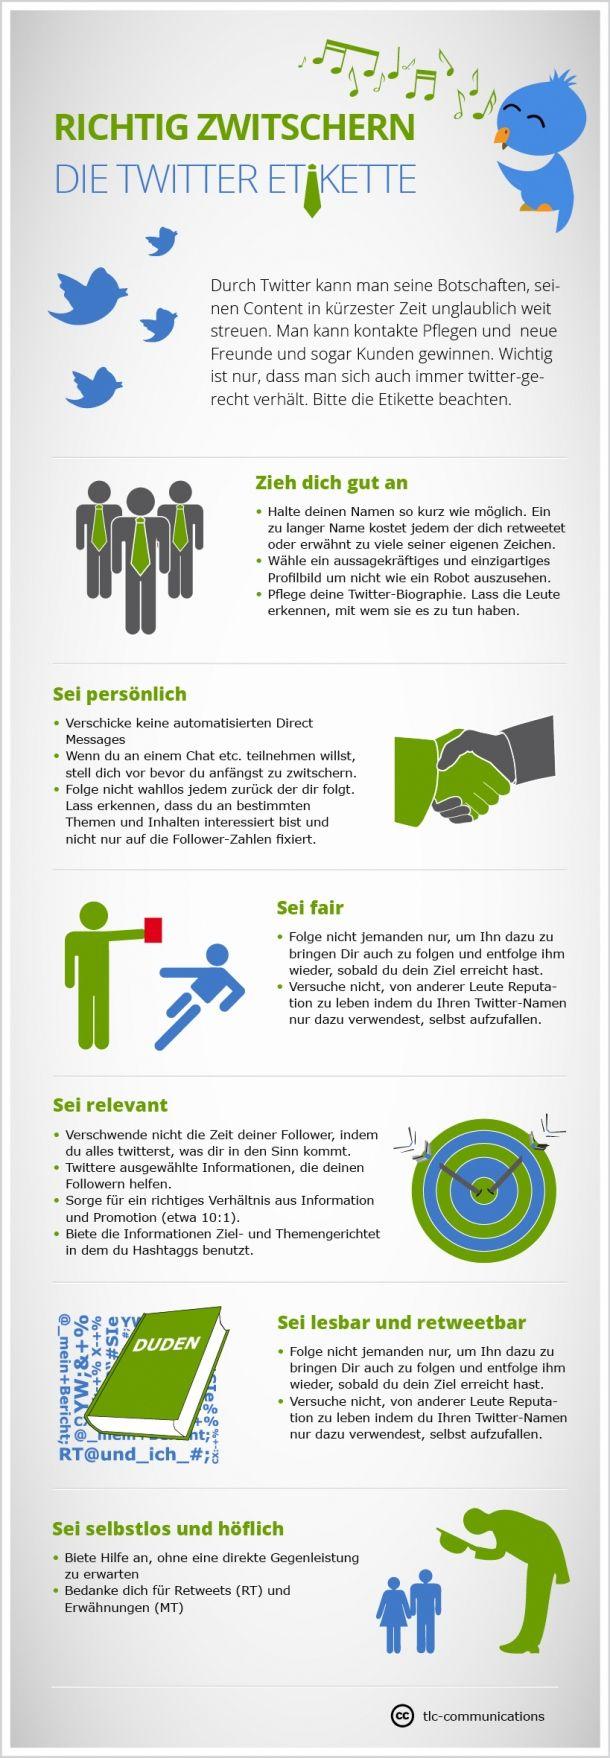 Richtig Zwitschern mit der Twitter-Etikette | Infografiken ...